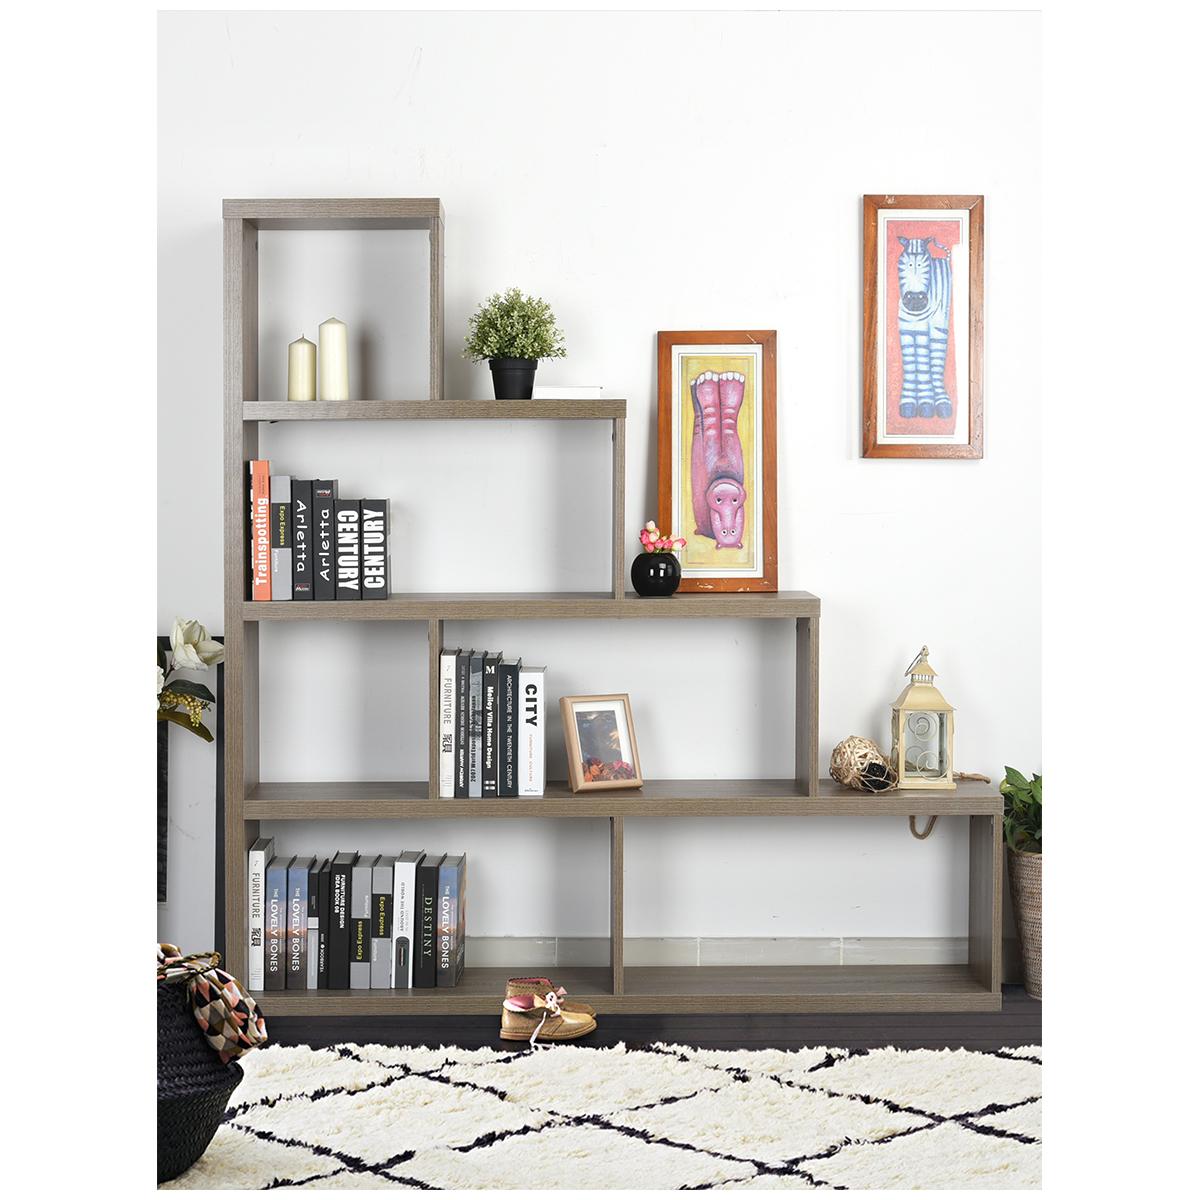 Etag re escalier biblioth que rangement 4 tages design - Meuble en forme d escalier ...